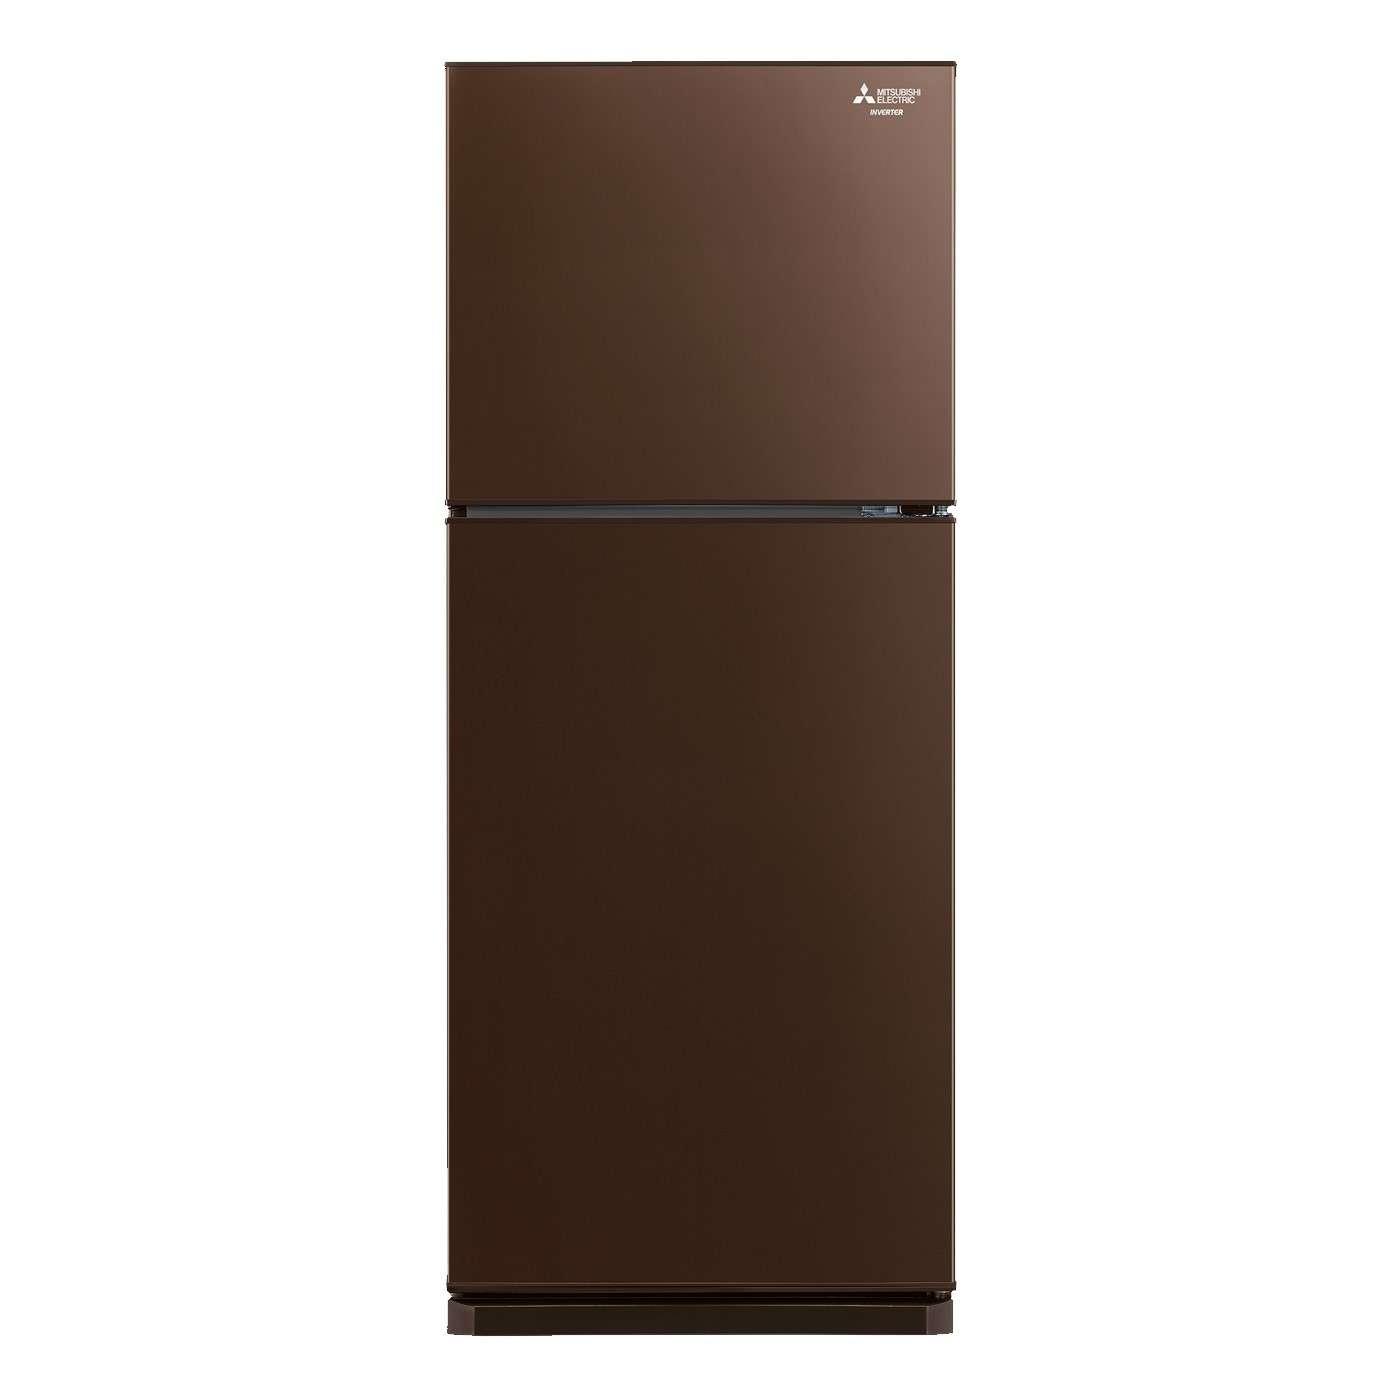 Tủ lạnh Mitsubishi MR-FC29EP-BR-V Inverter 243 lít